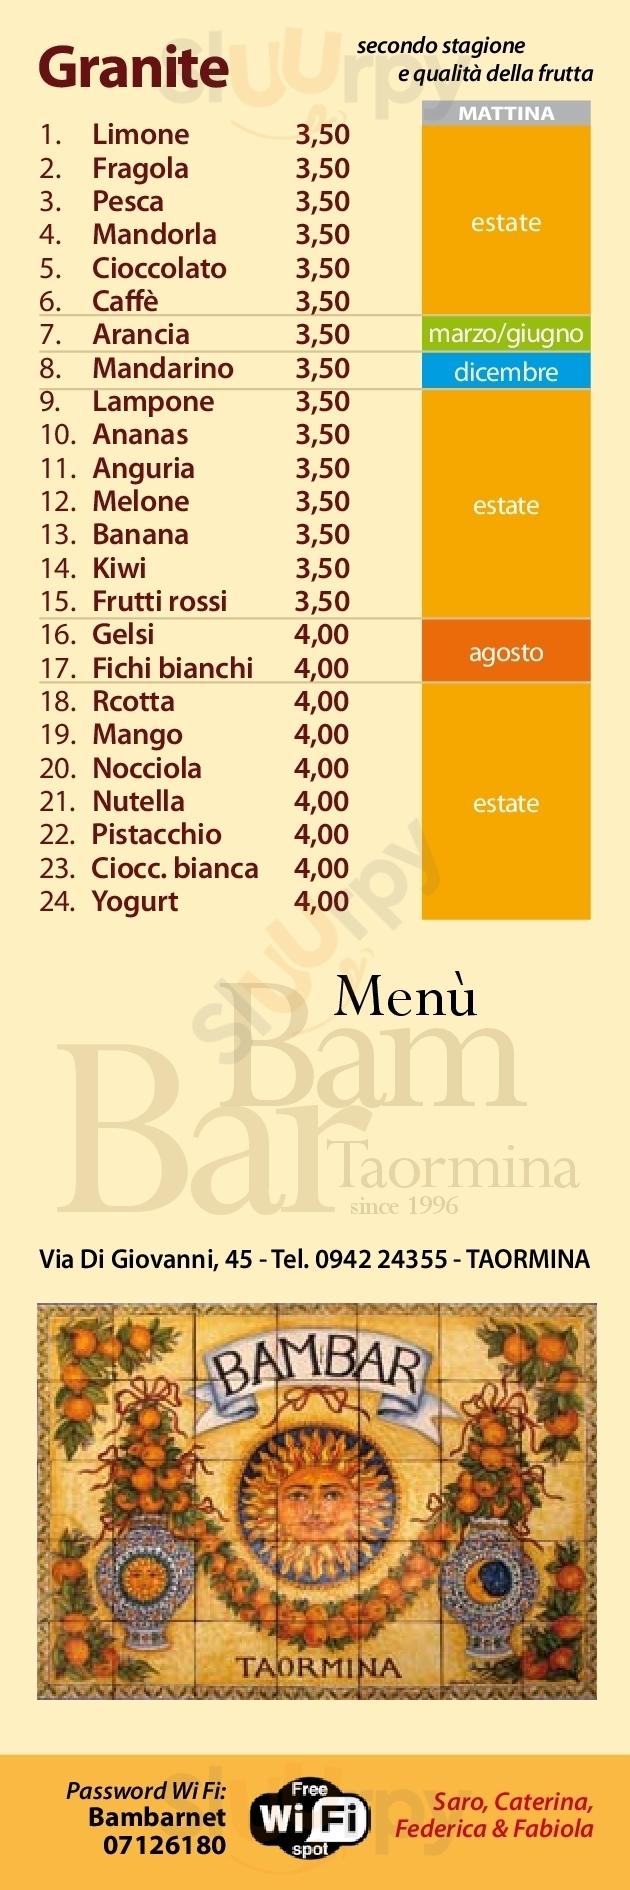 Bam Bar Taormina menù 1 pagina